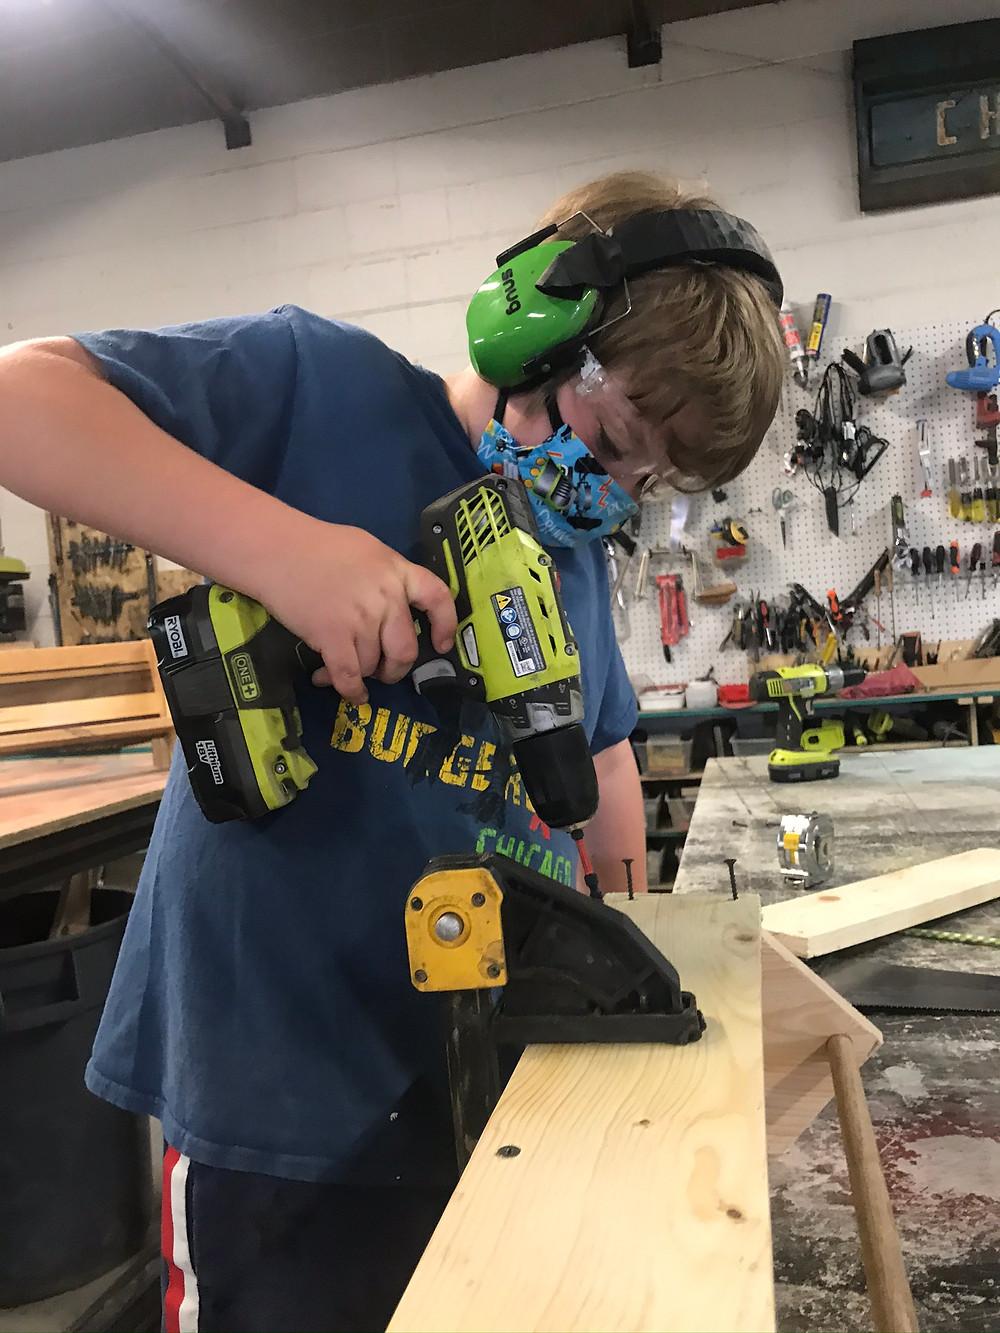 Boy working in a wood shop